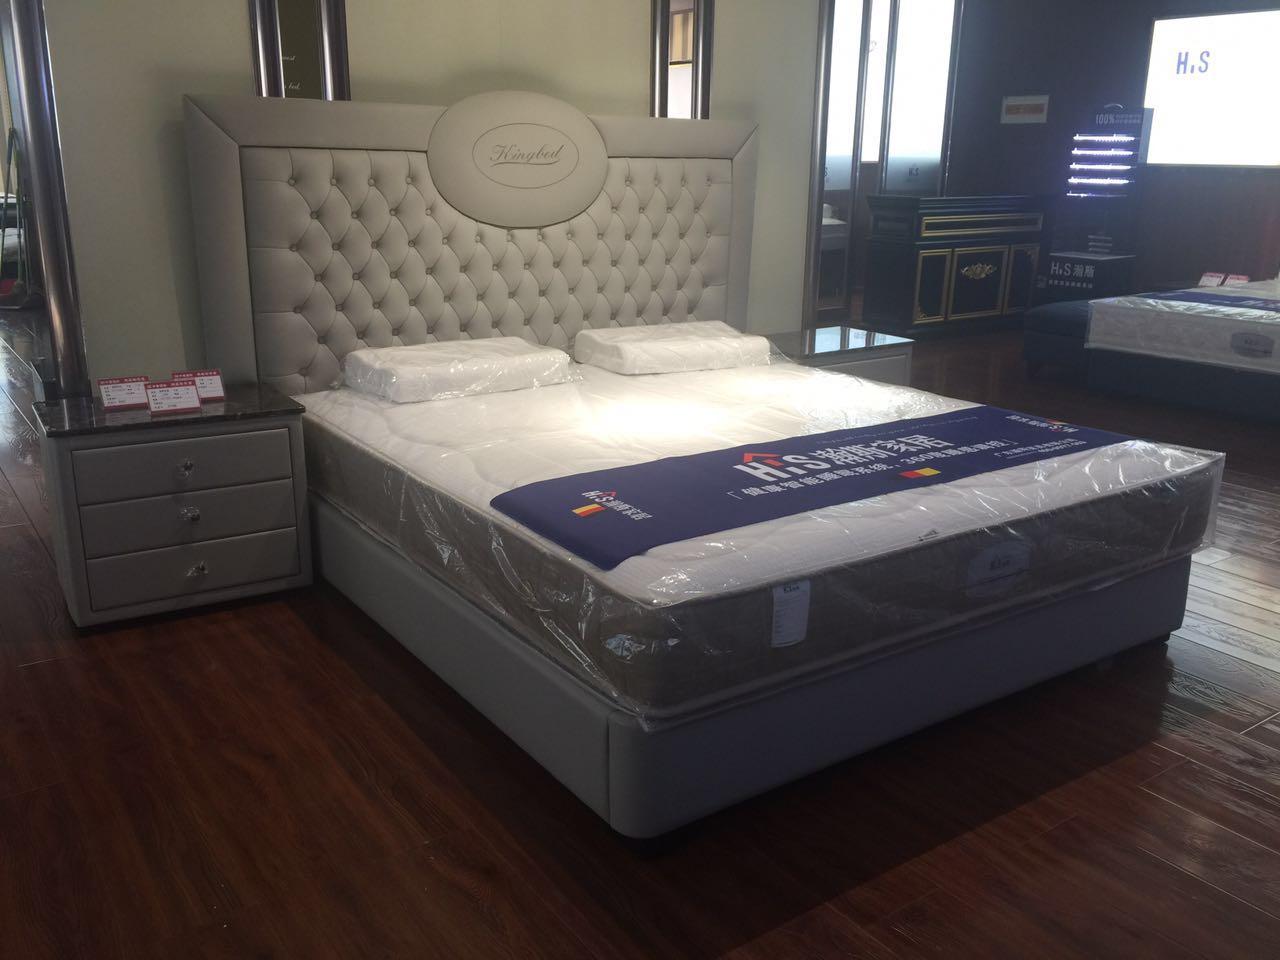 學生軟體床價格,軟體床